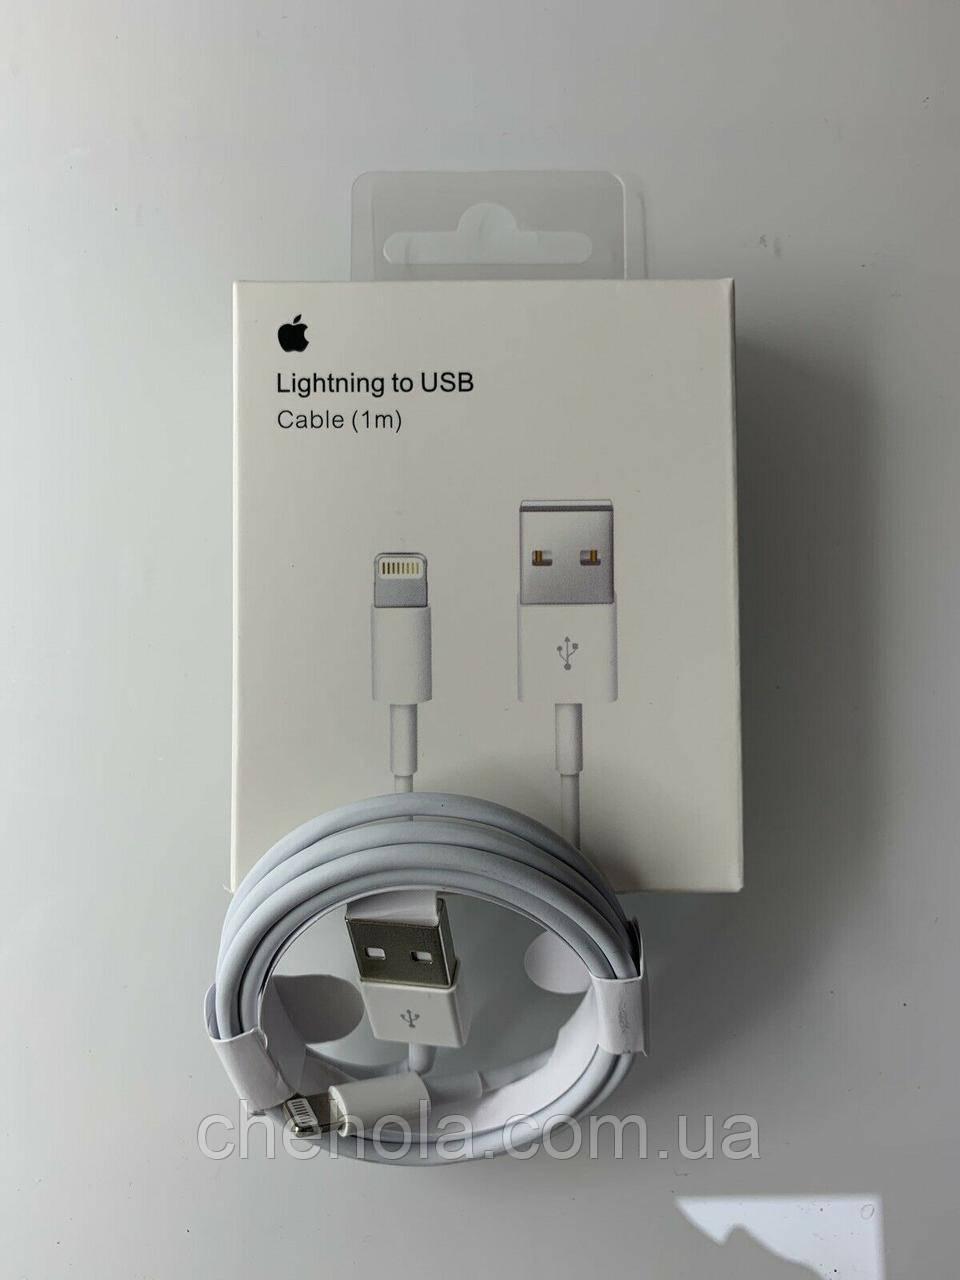 Оригинальный USB кабель для Iphone 7 8 1 Метр MD818ZM/A A1480